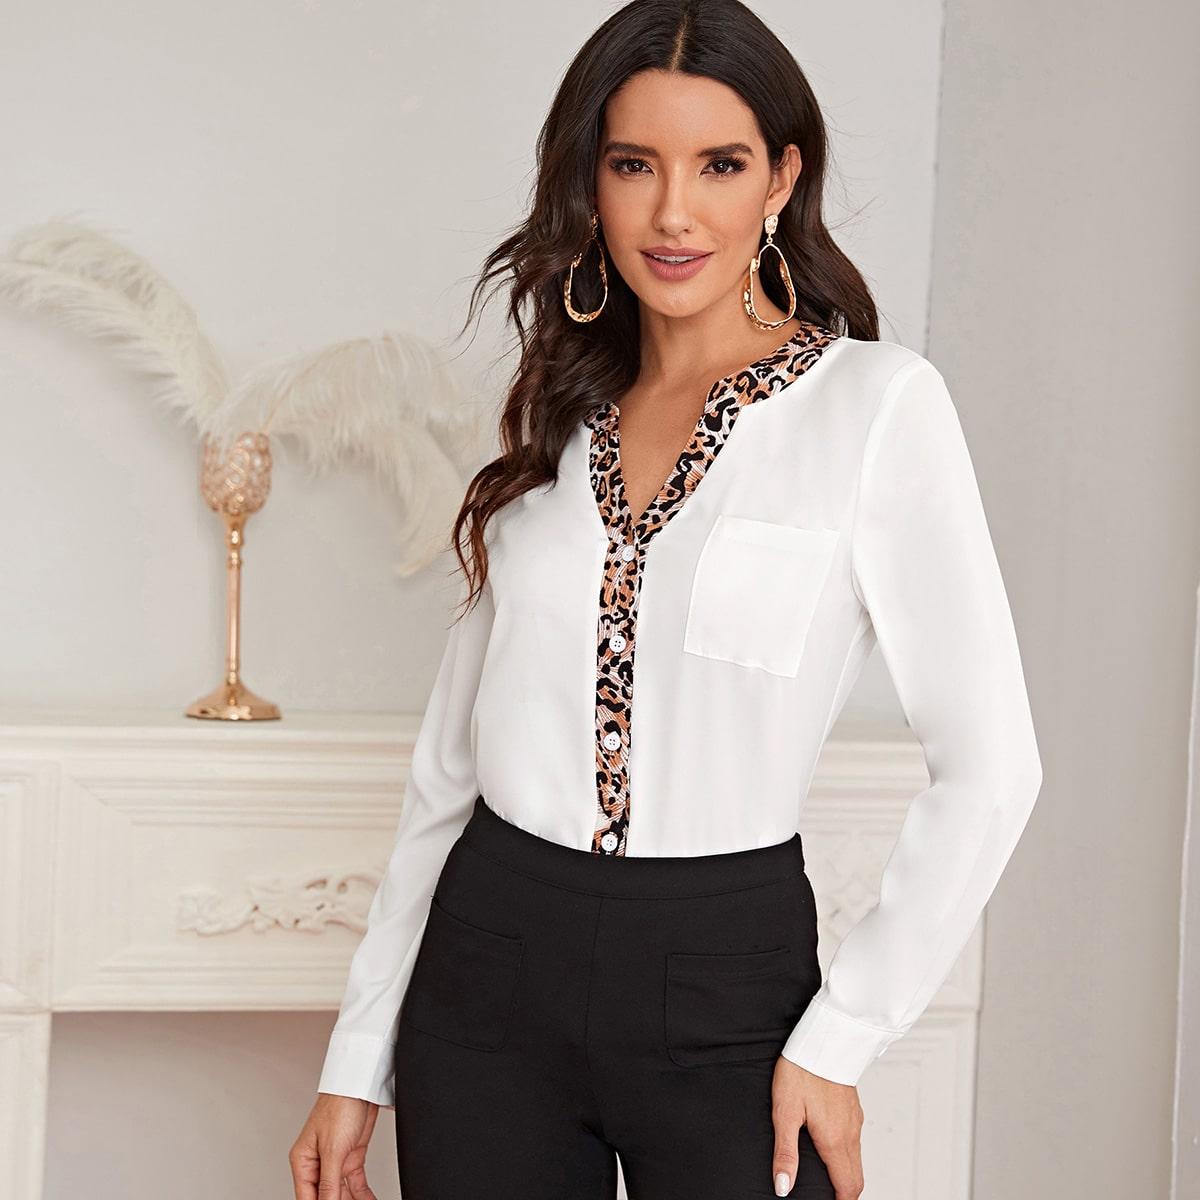 Bluse mit Kontrast Leopard Muster und Taschen Flicken